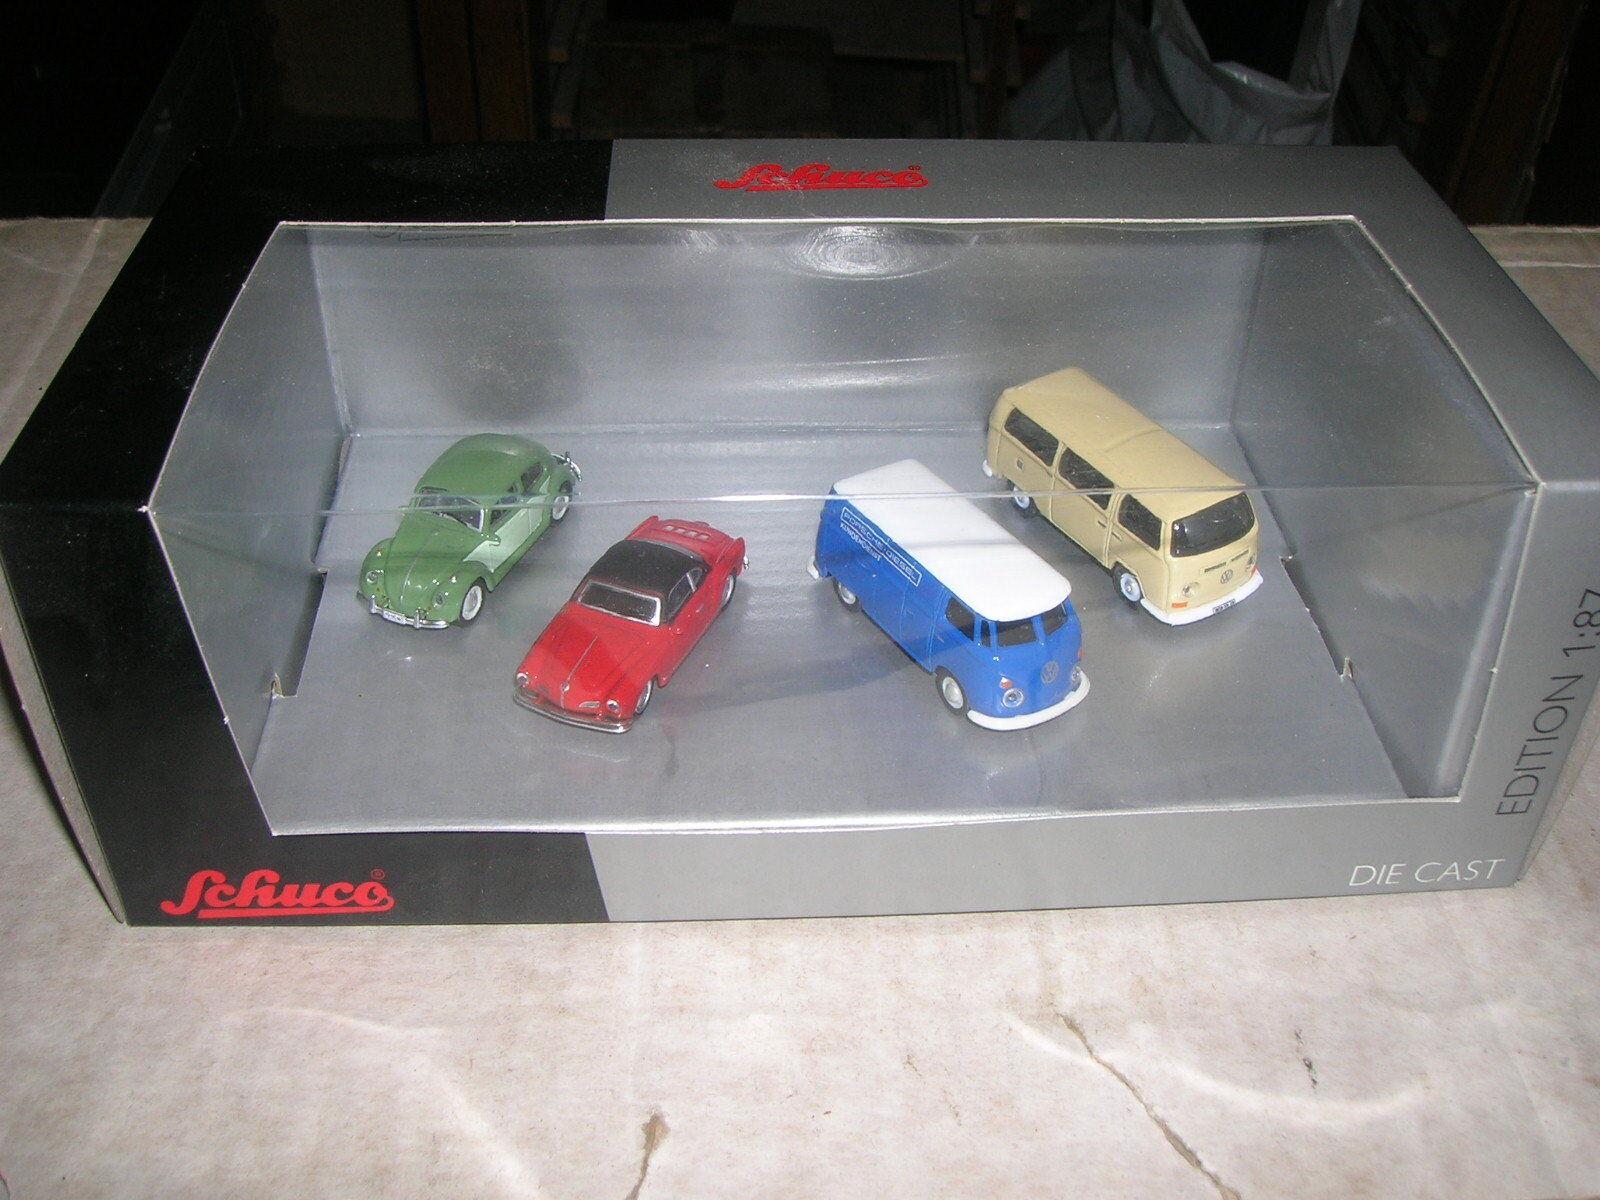 SCHUCO VW Volkswagen Classique Set Coccinelle Karmann Camionnette 1 87 Limited Edition Box